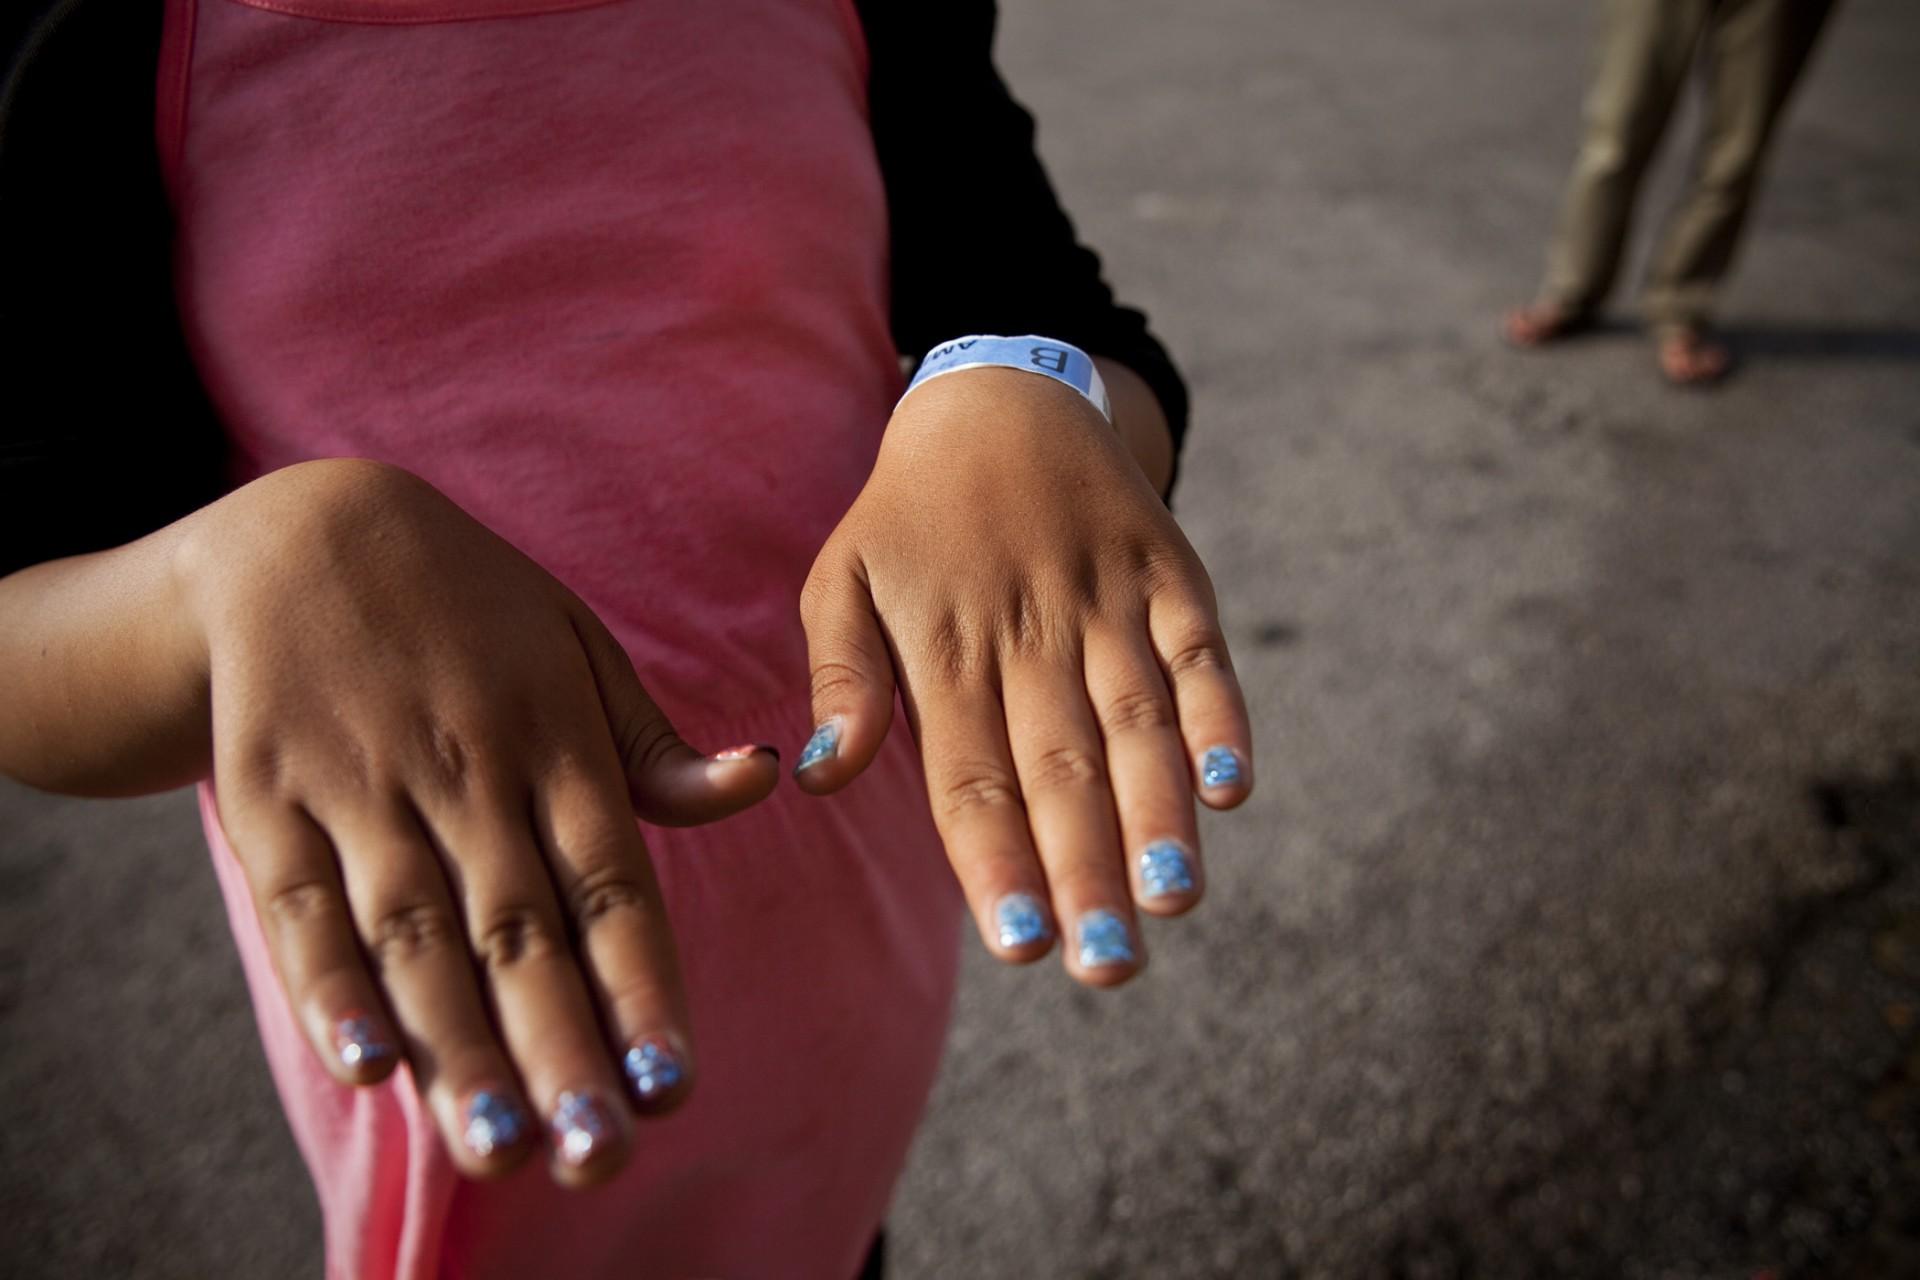 Toutes les petites filles ont des ongles magnifiques grâce à une équipe de bénévoles suédoises qui organise des petits ateliers maquillage. Les enfants ne sont pas scolarisés.